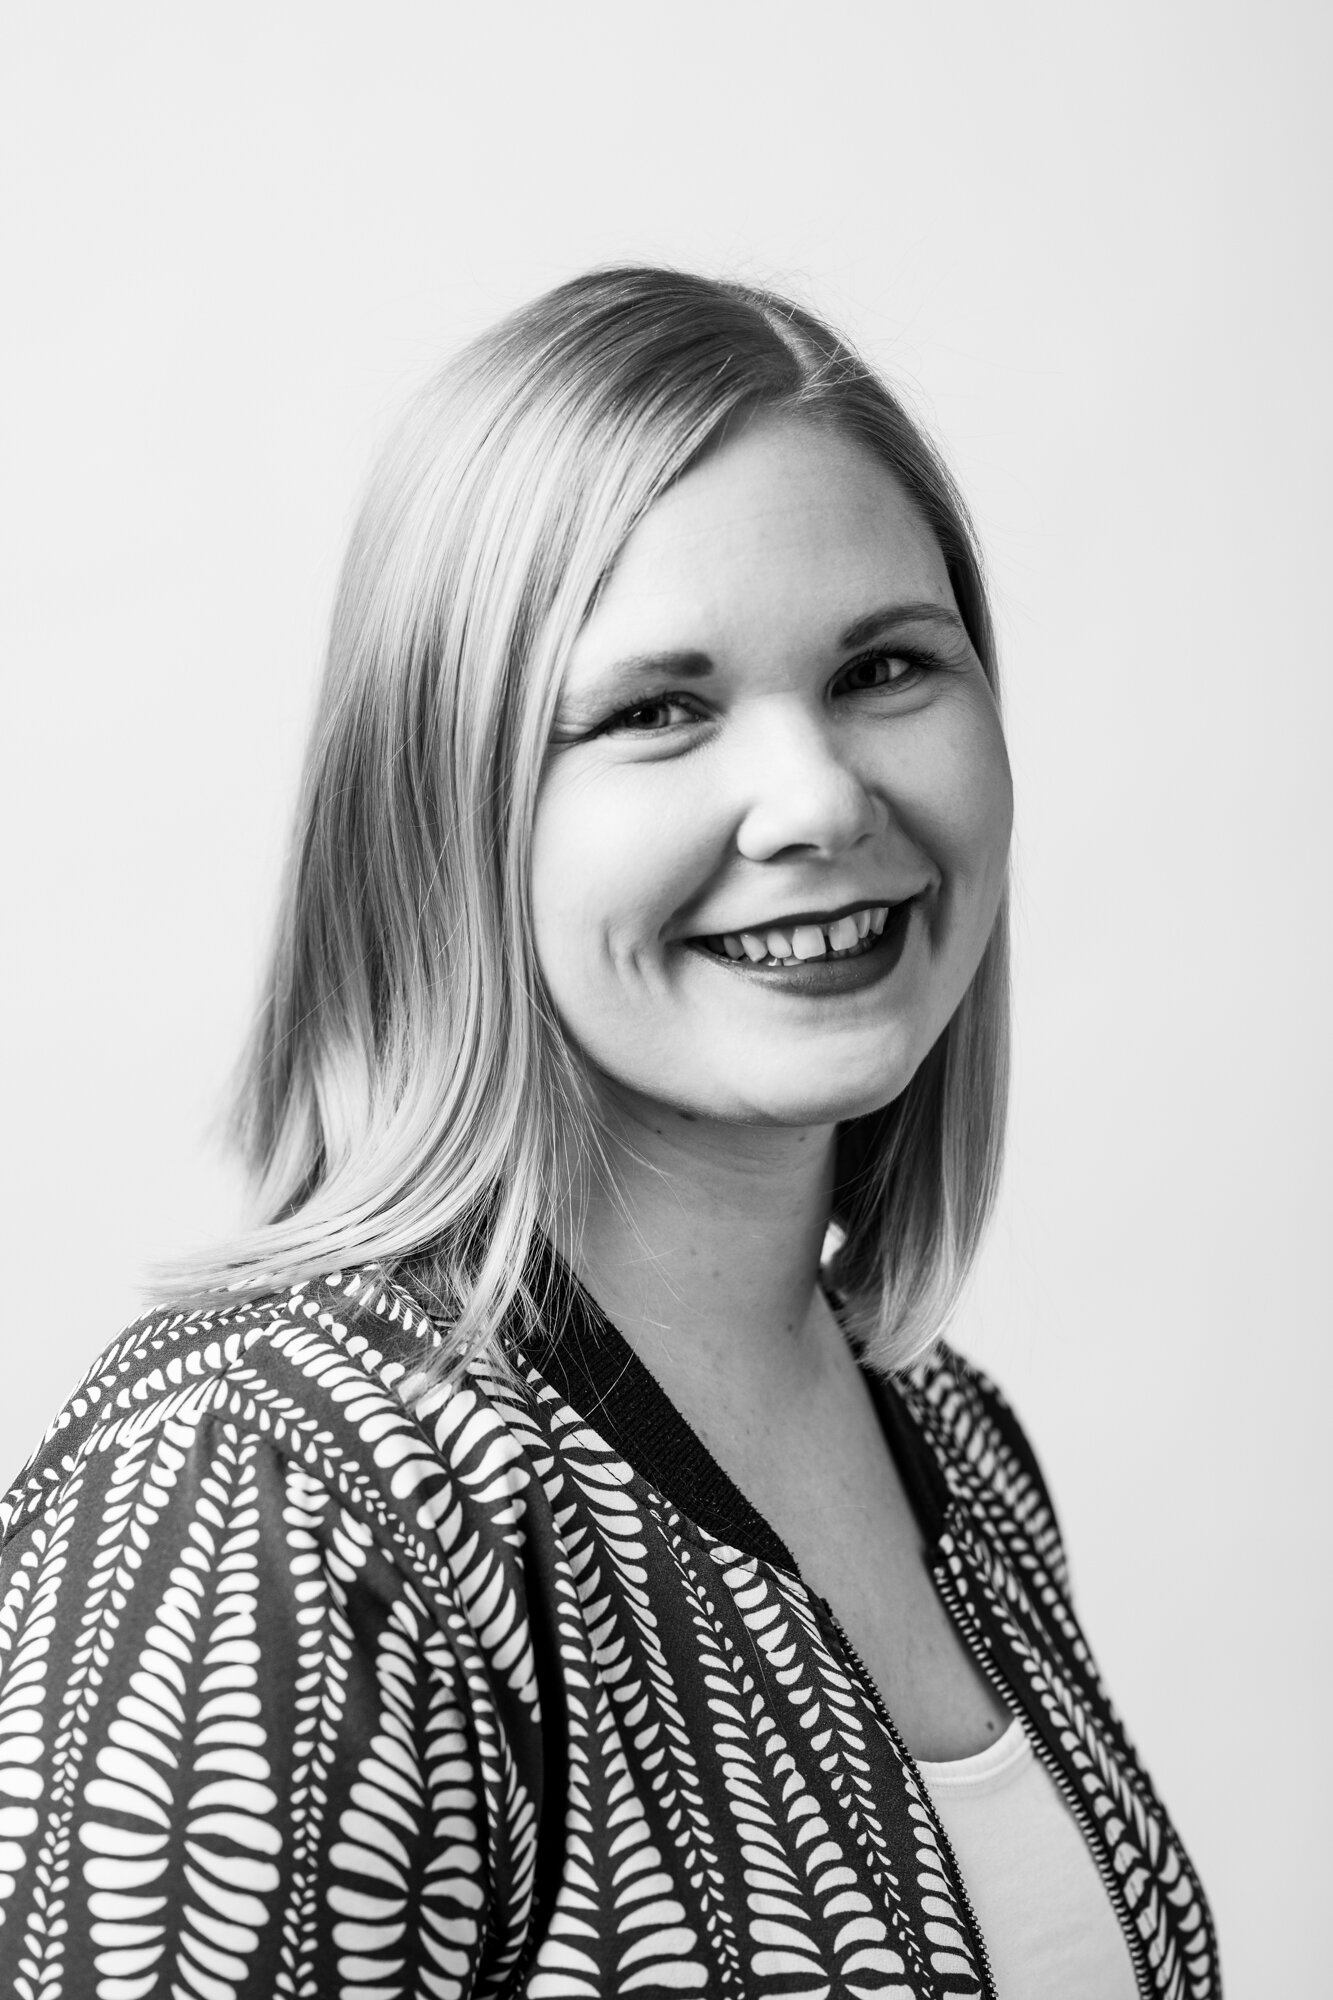 Author and journalist Michaela von Kügelgen